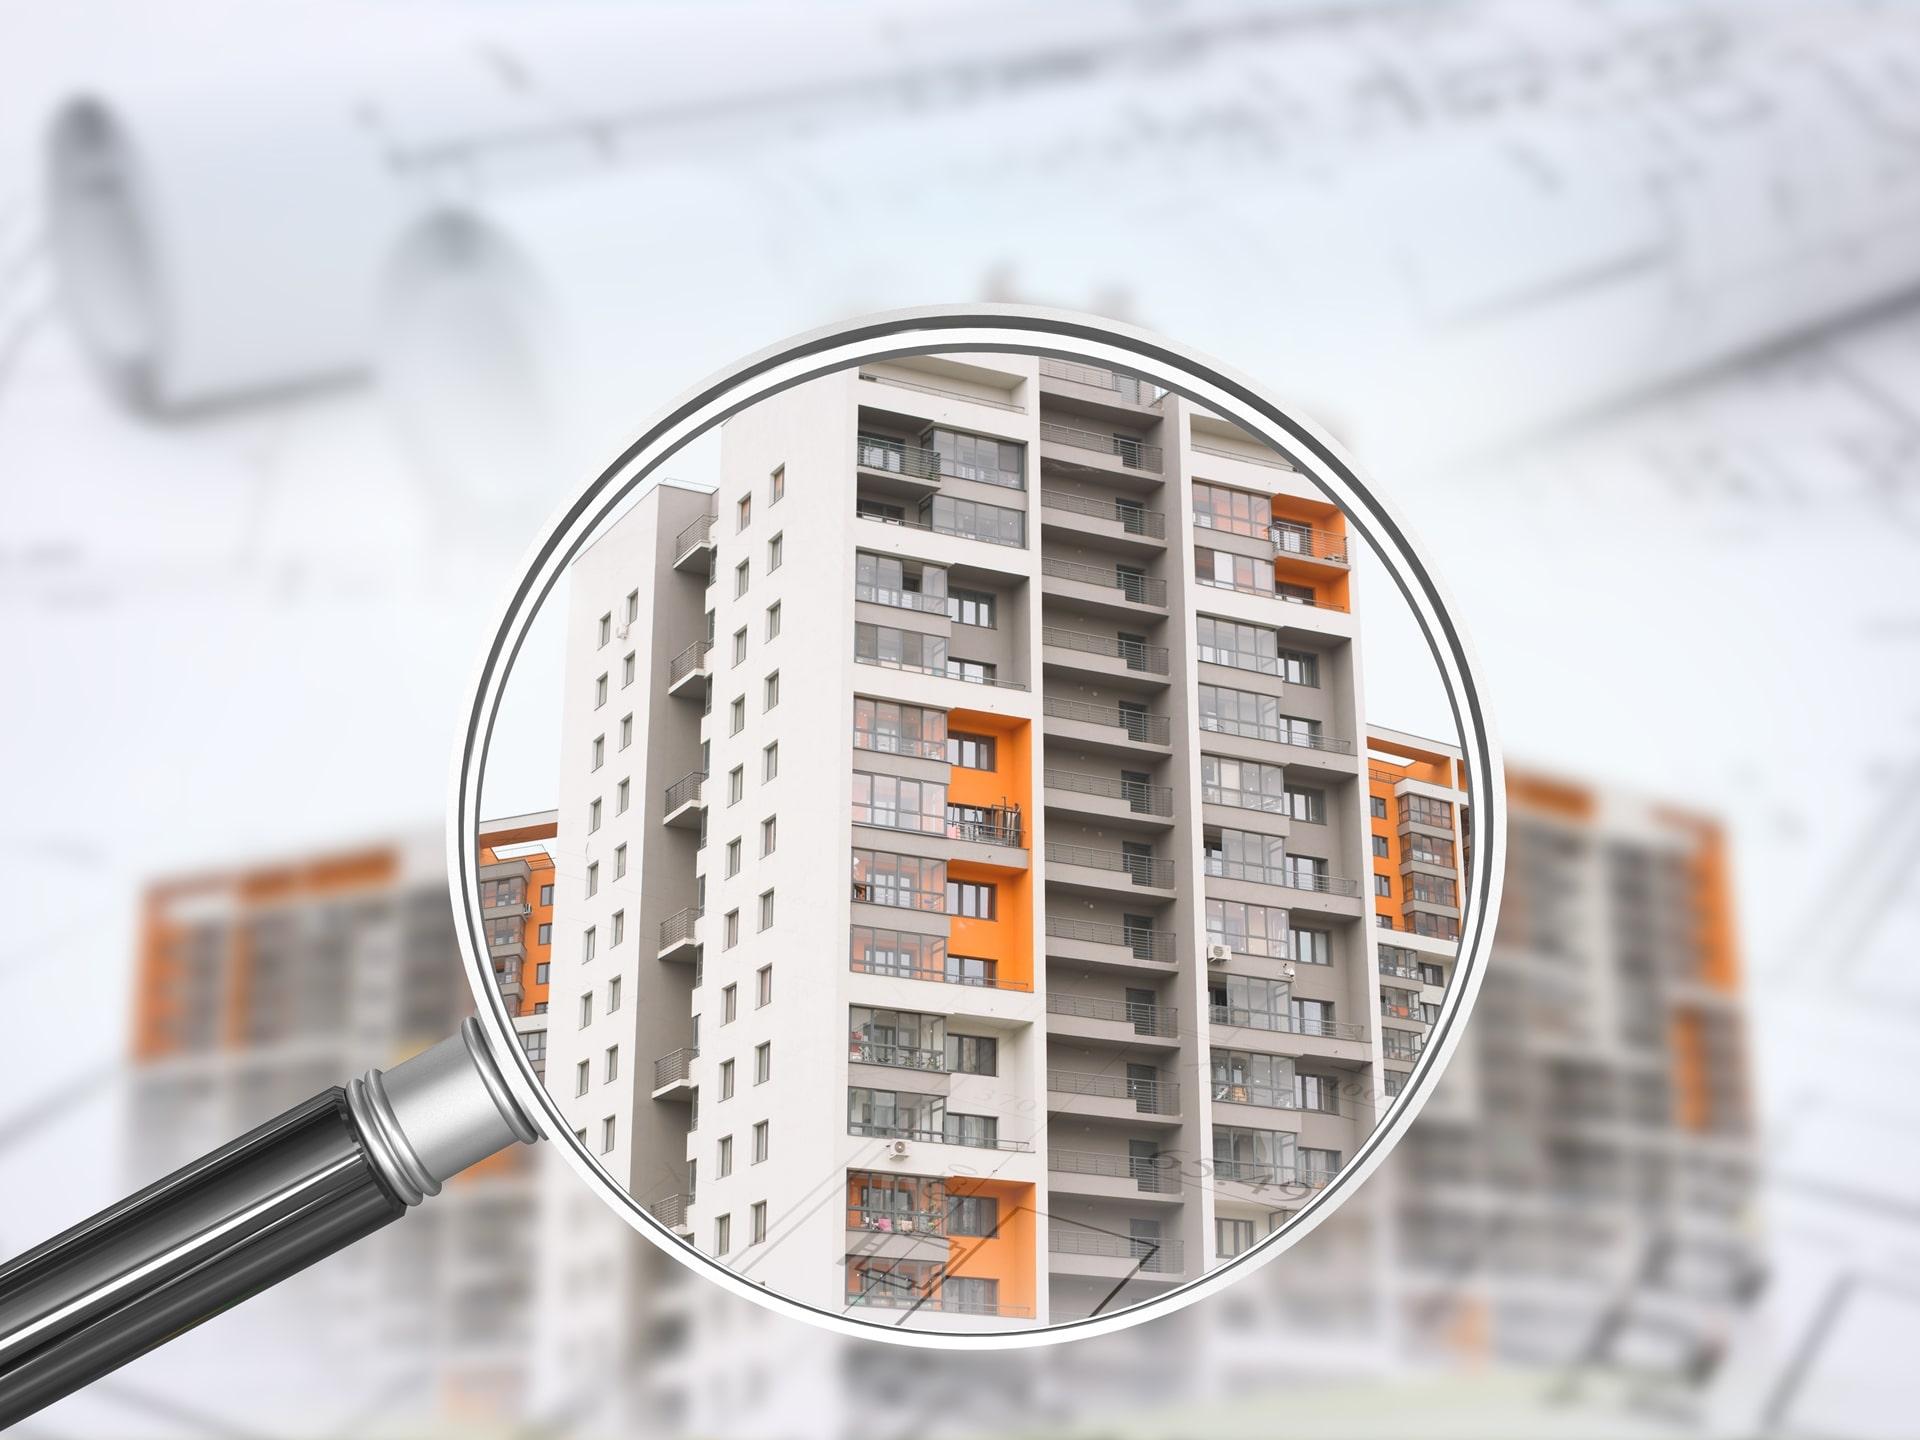 Мониторинг муниципальными образованиями технического состояния многоквартирных домов на территории Орловской области в 2021 году